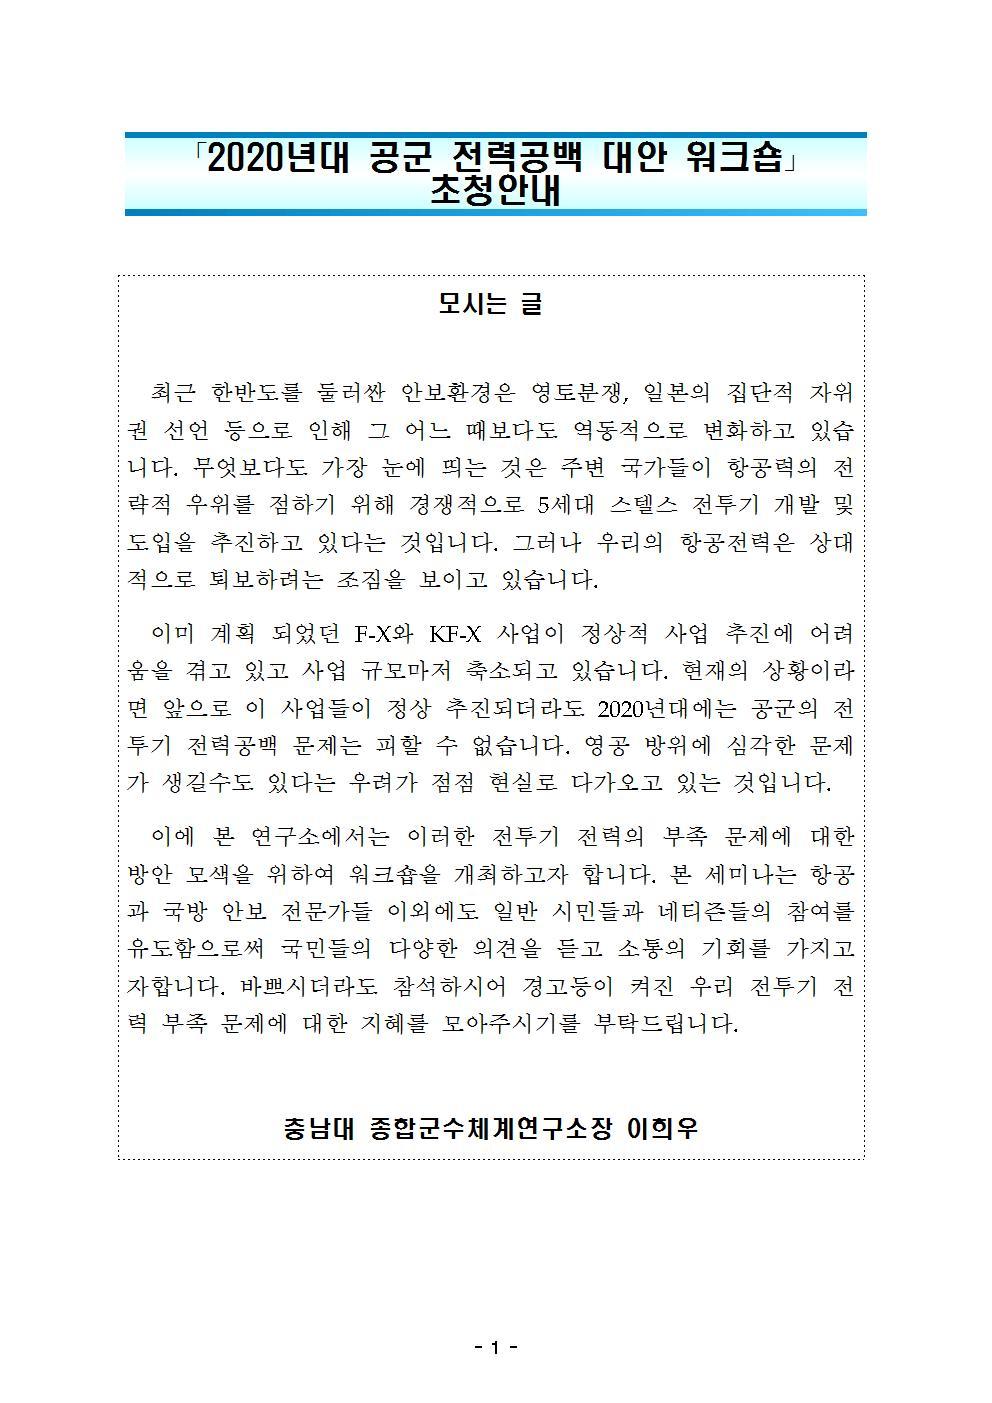 00-14년_공군 전력공백 대안 세미나_초청장001.jpg